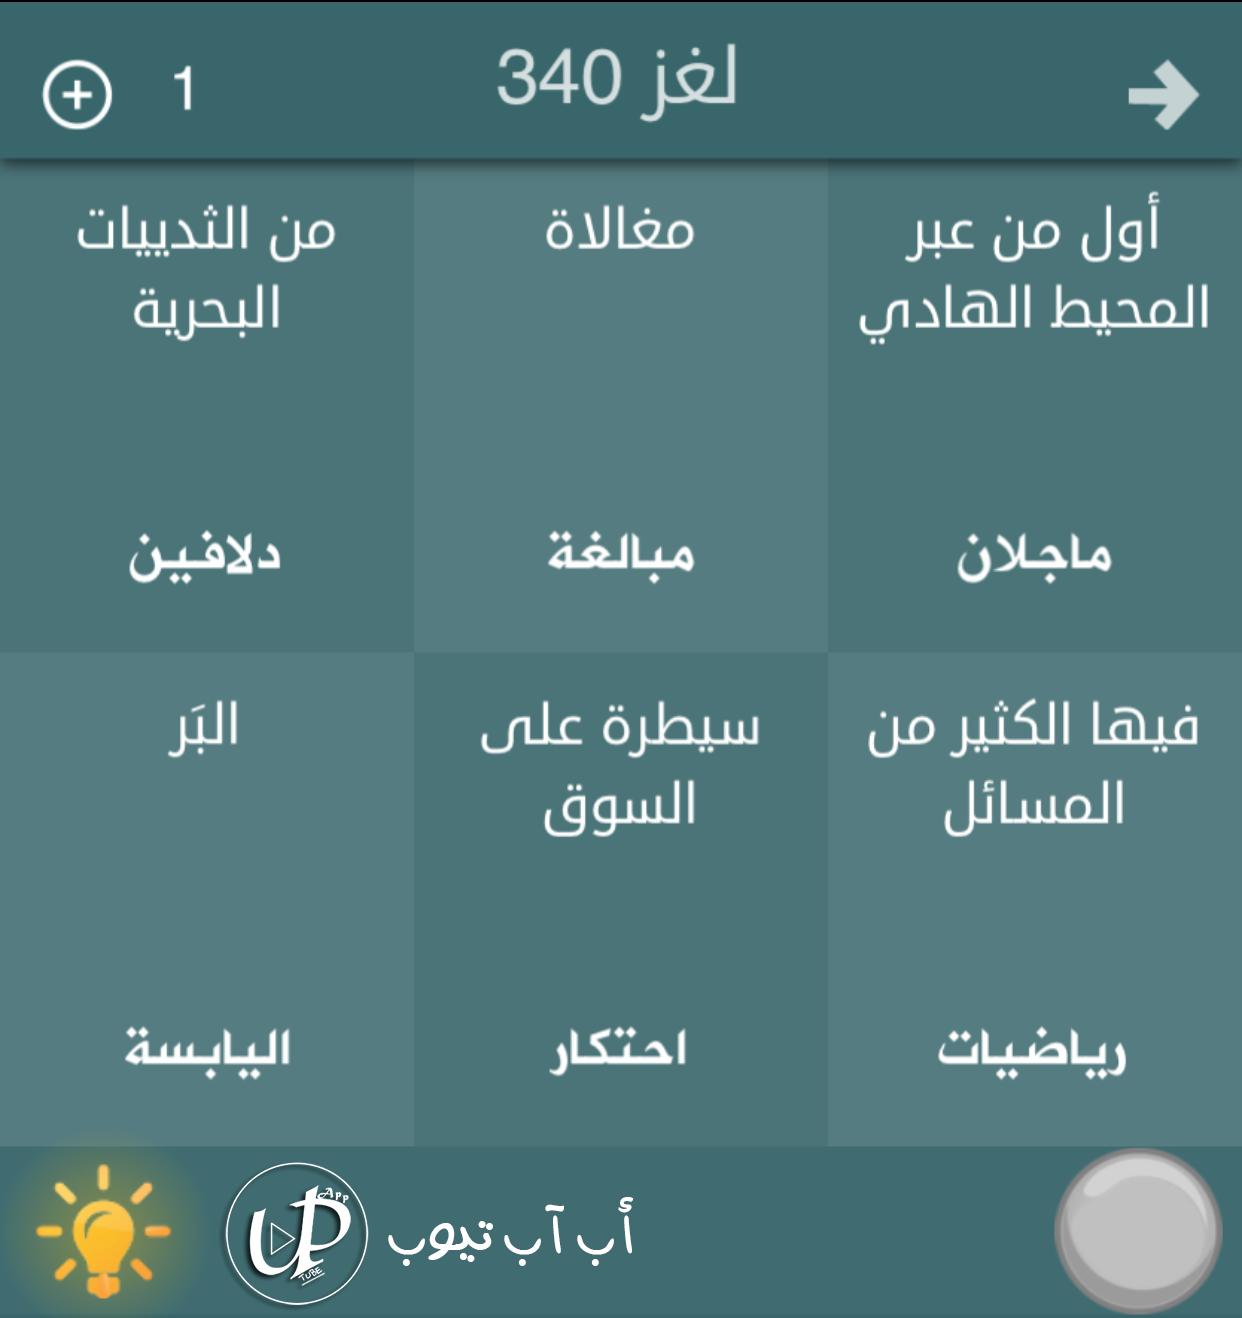 هل تعلم حل الغاز لعبة فطحل العرب المجموعة السابعة عشر من